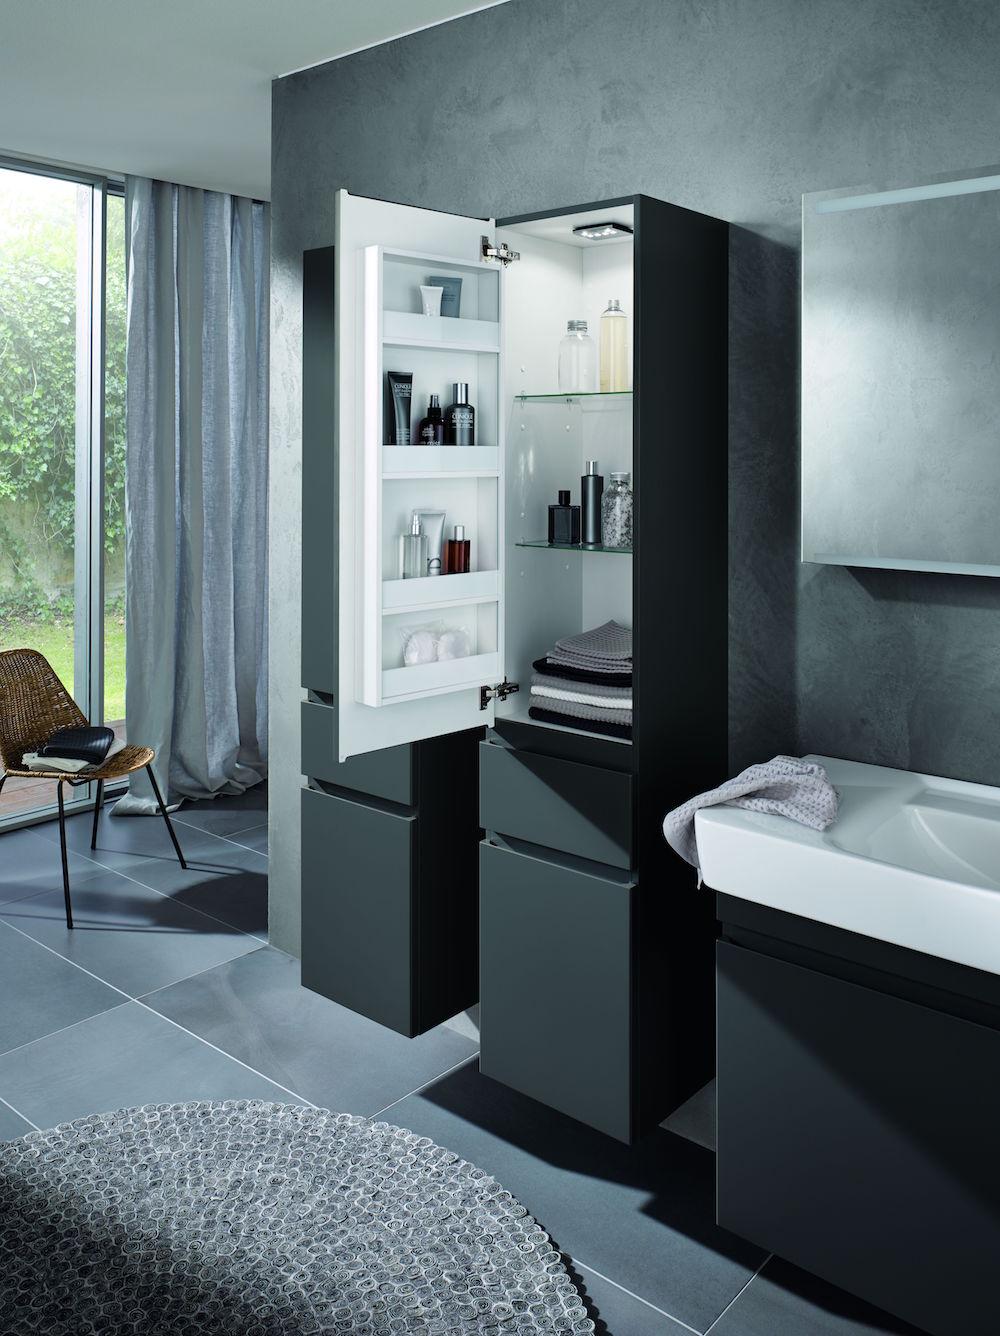 Sphinx badkamermeubels: opbergcomfort met stijl - Nieuws Startpagina ...